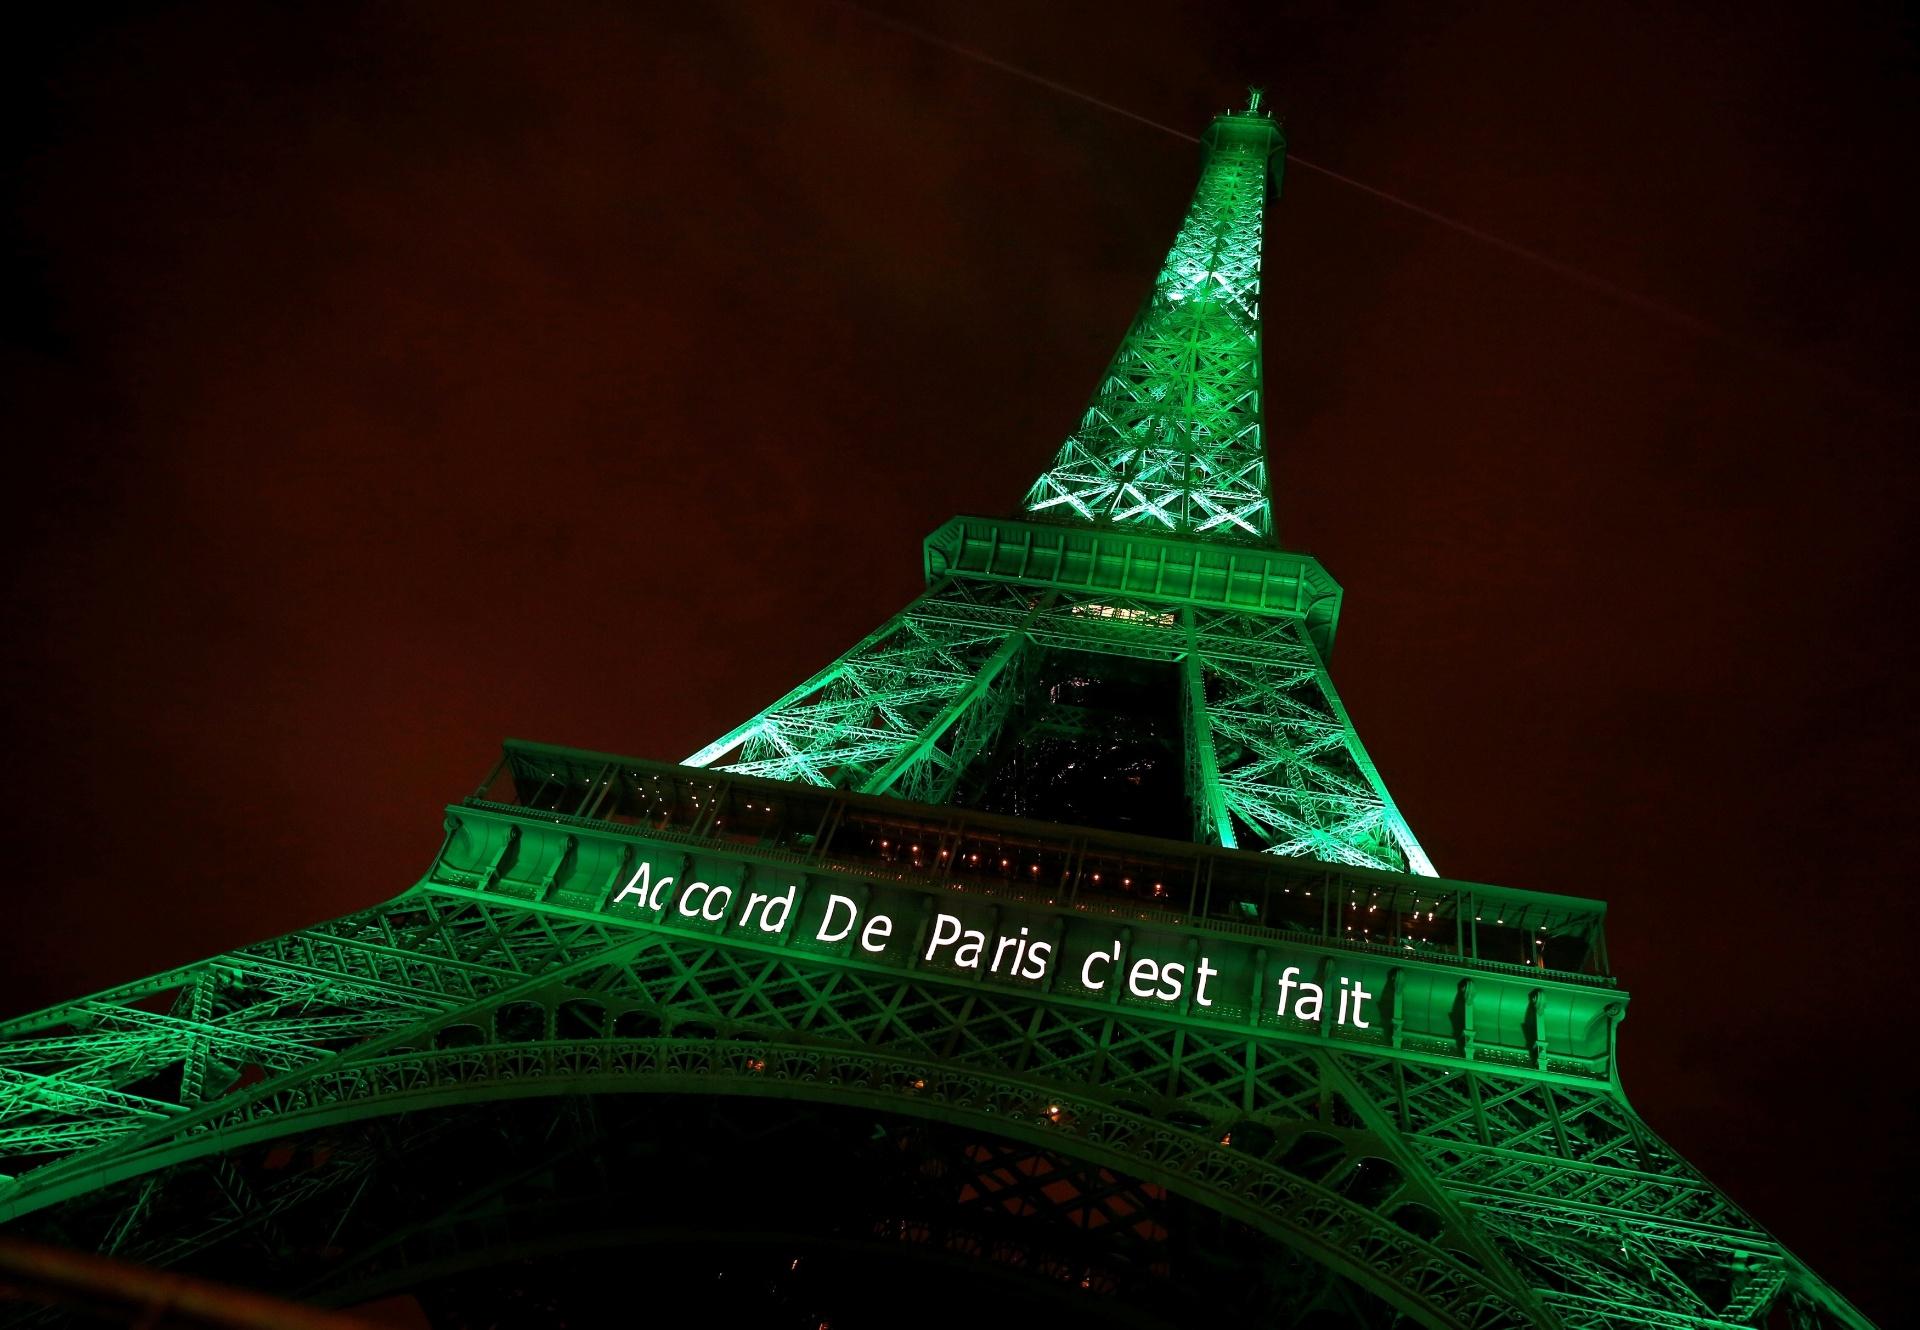 """4.nov.2016 - CONTRA MUDANÇAS CLIMÁTICAS - A Torre Eiffel é iluminada de verde com as palavras """"O Acordo de Paris está feito"""" para celebrar que a resolução entrou em vigor em tempo recorde, menos de um ano depois de ter sido fechada em Paris, na França. Ao todo, 195 países concordaram com o texto que visa combater às mudanças climáticas"""